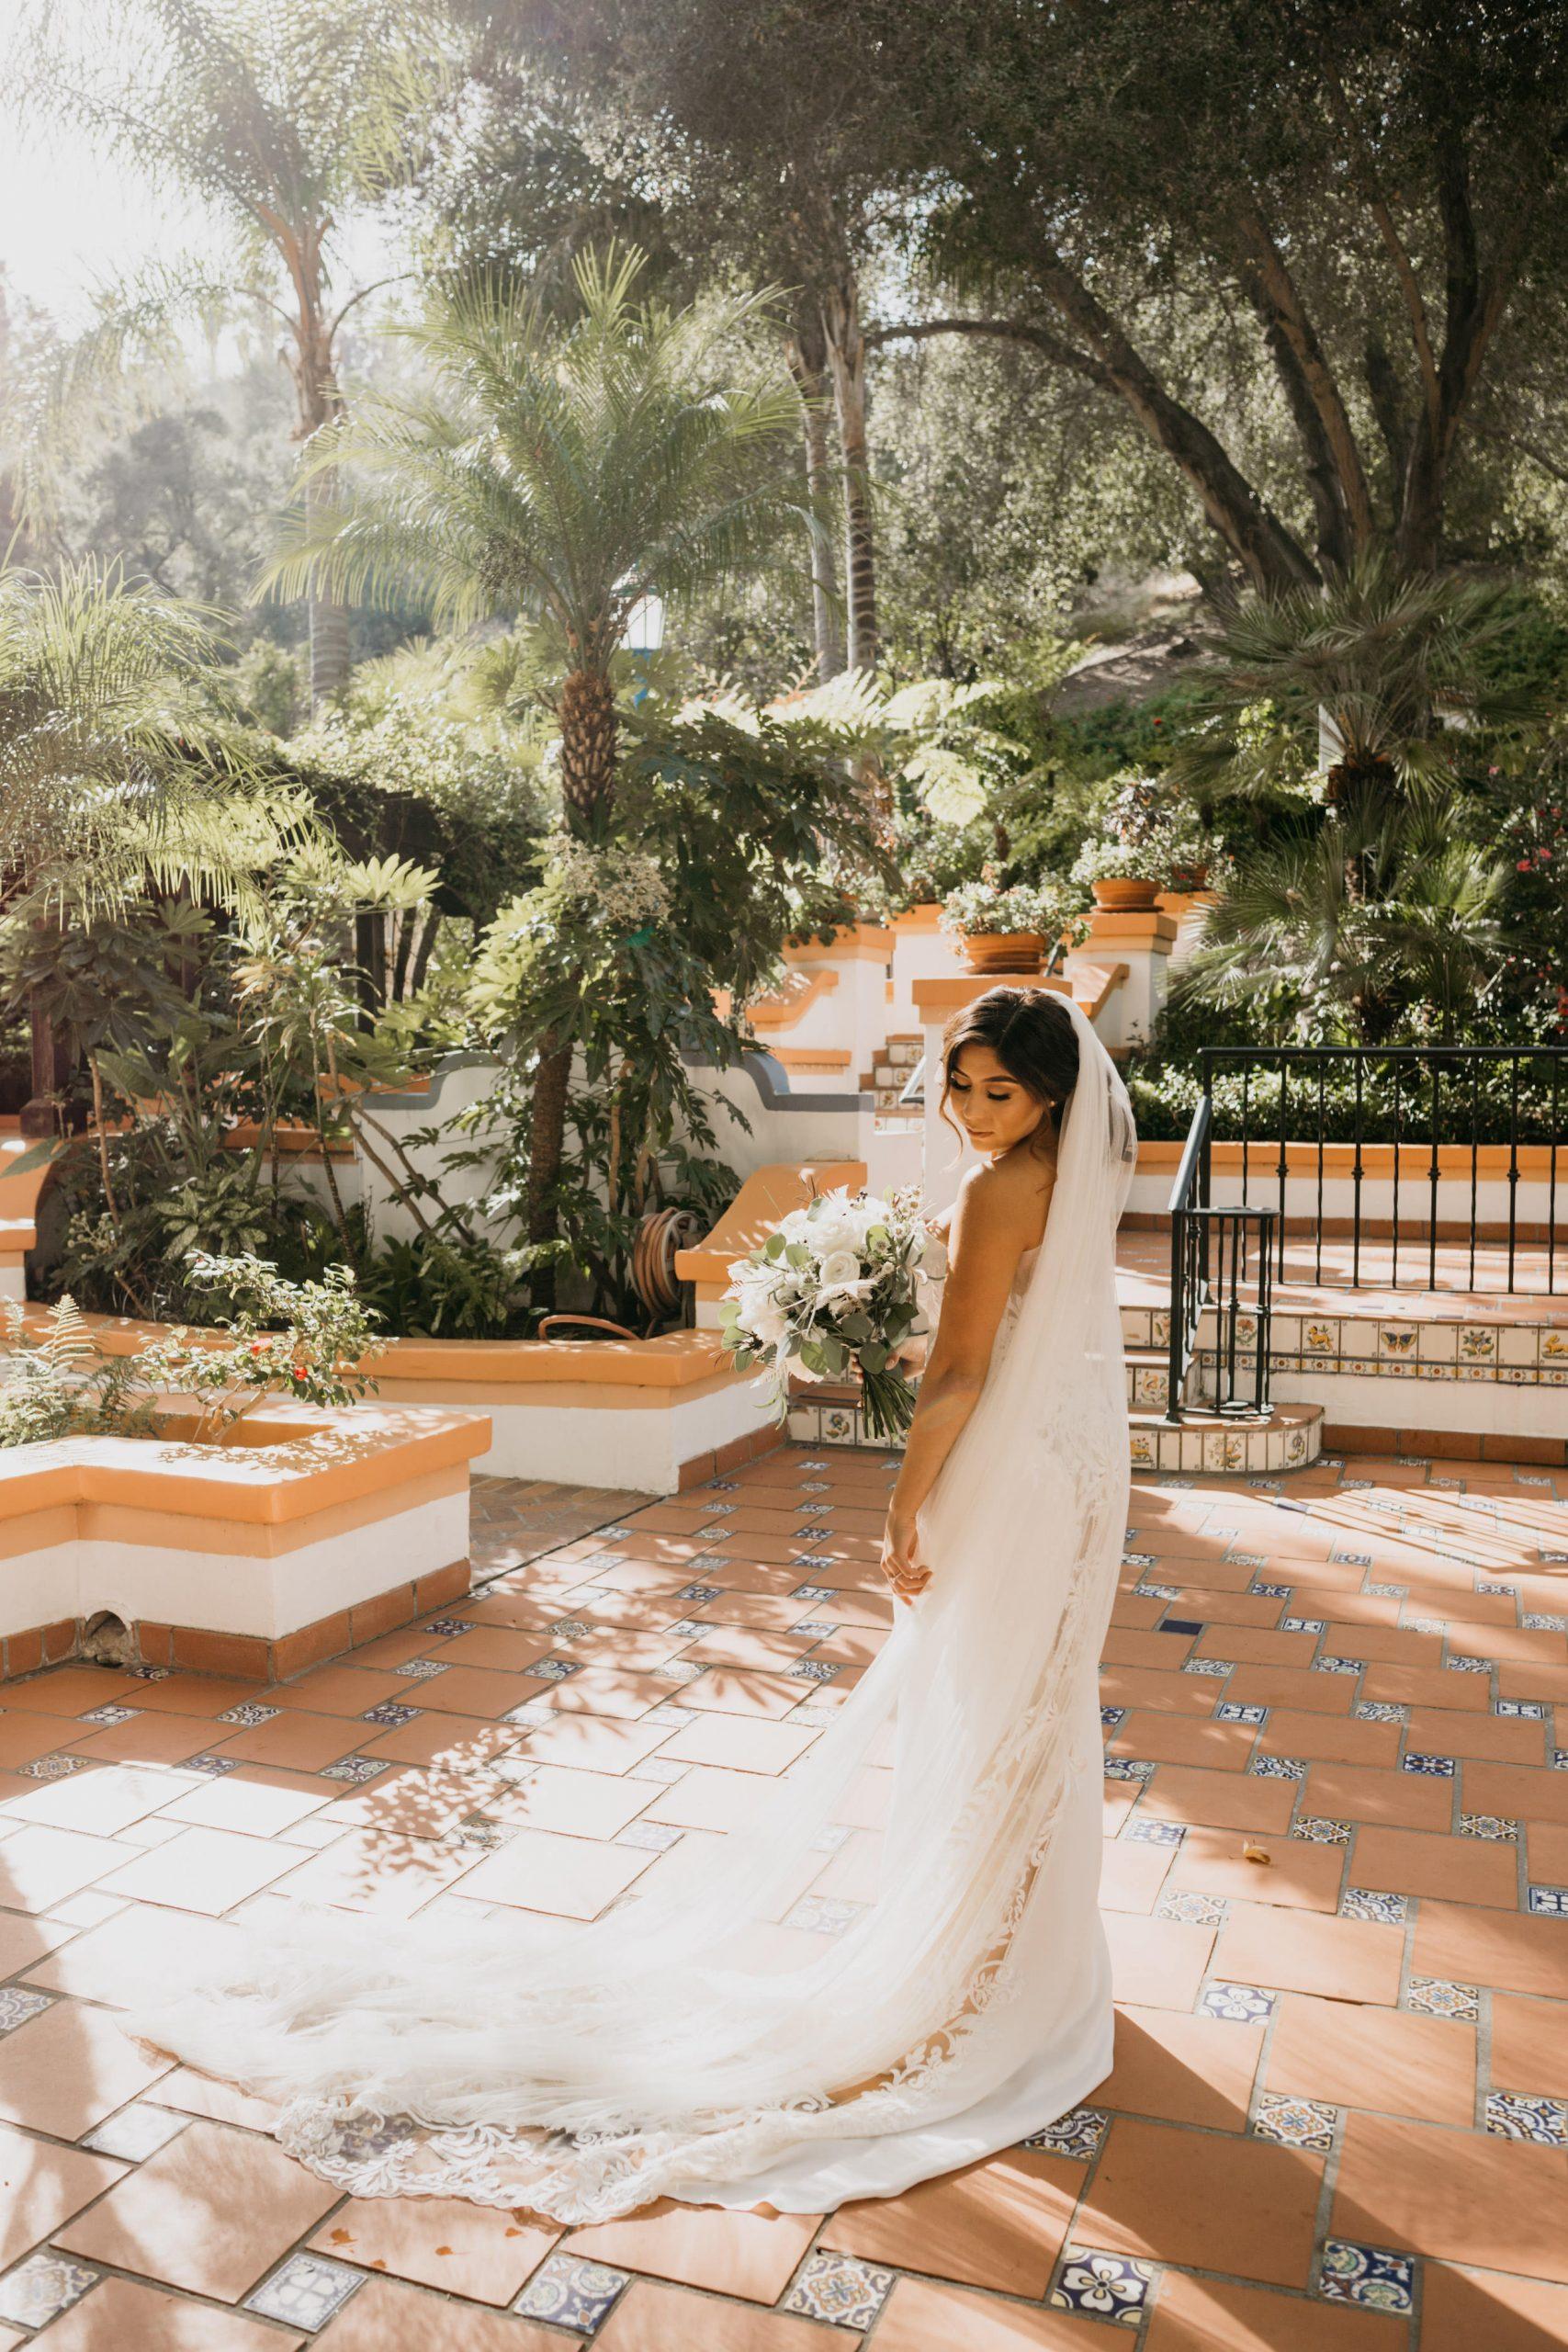 Rancho Las Lomas Bride Portrait, image by Fatima Elreda Photo